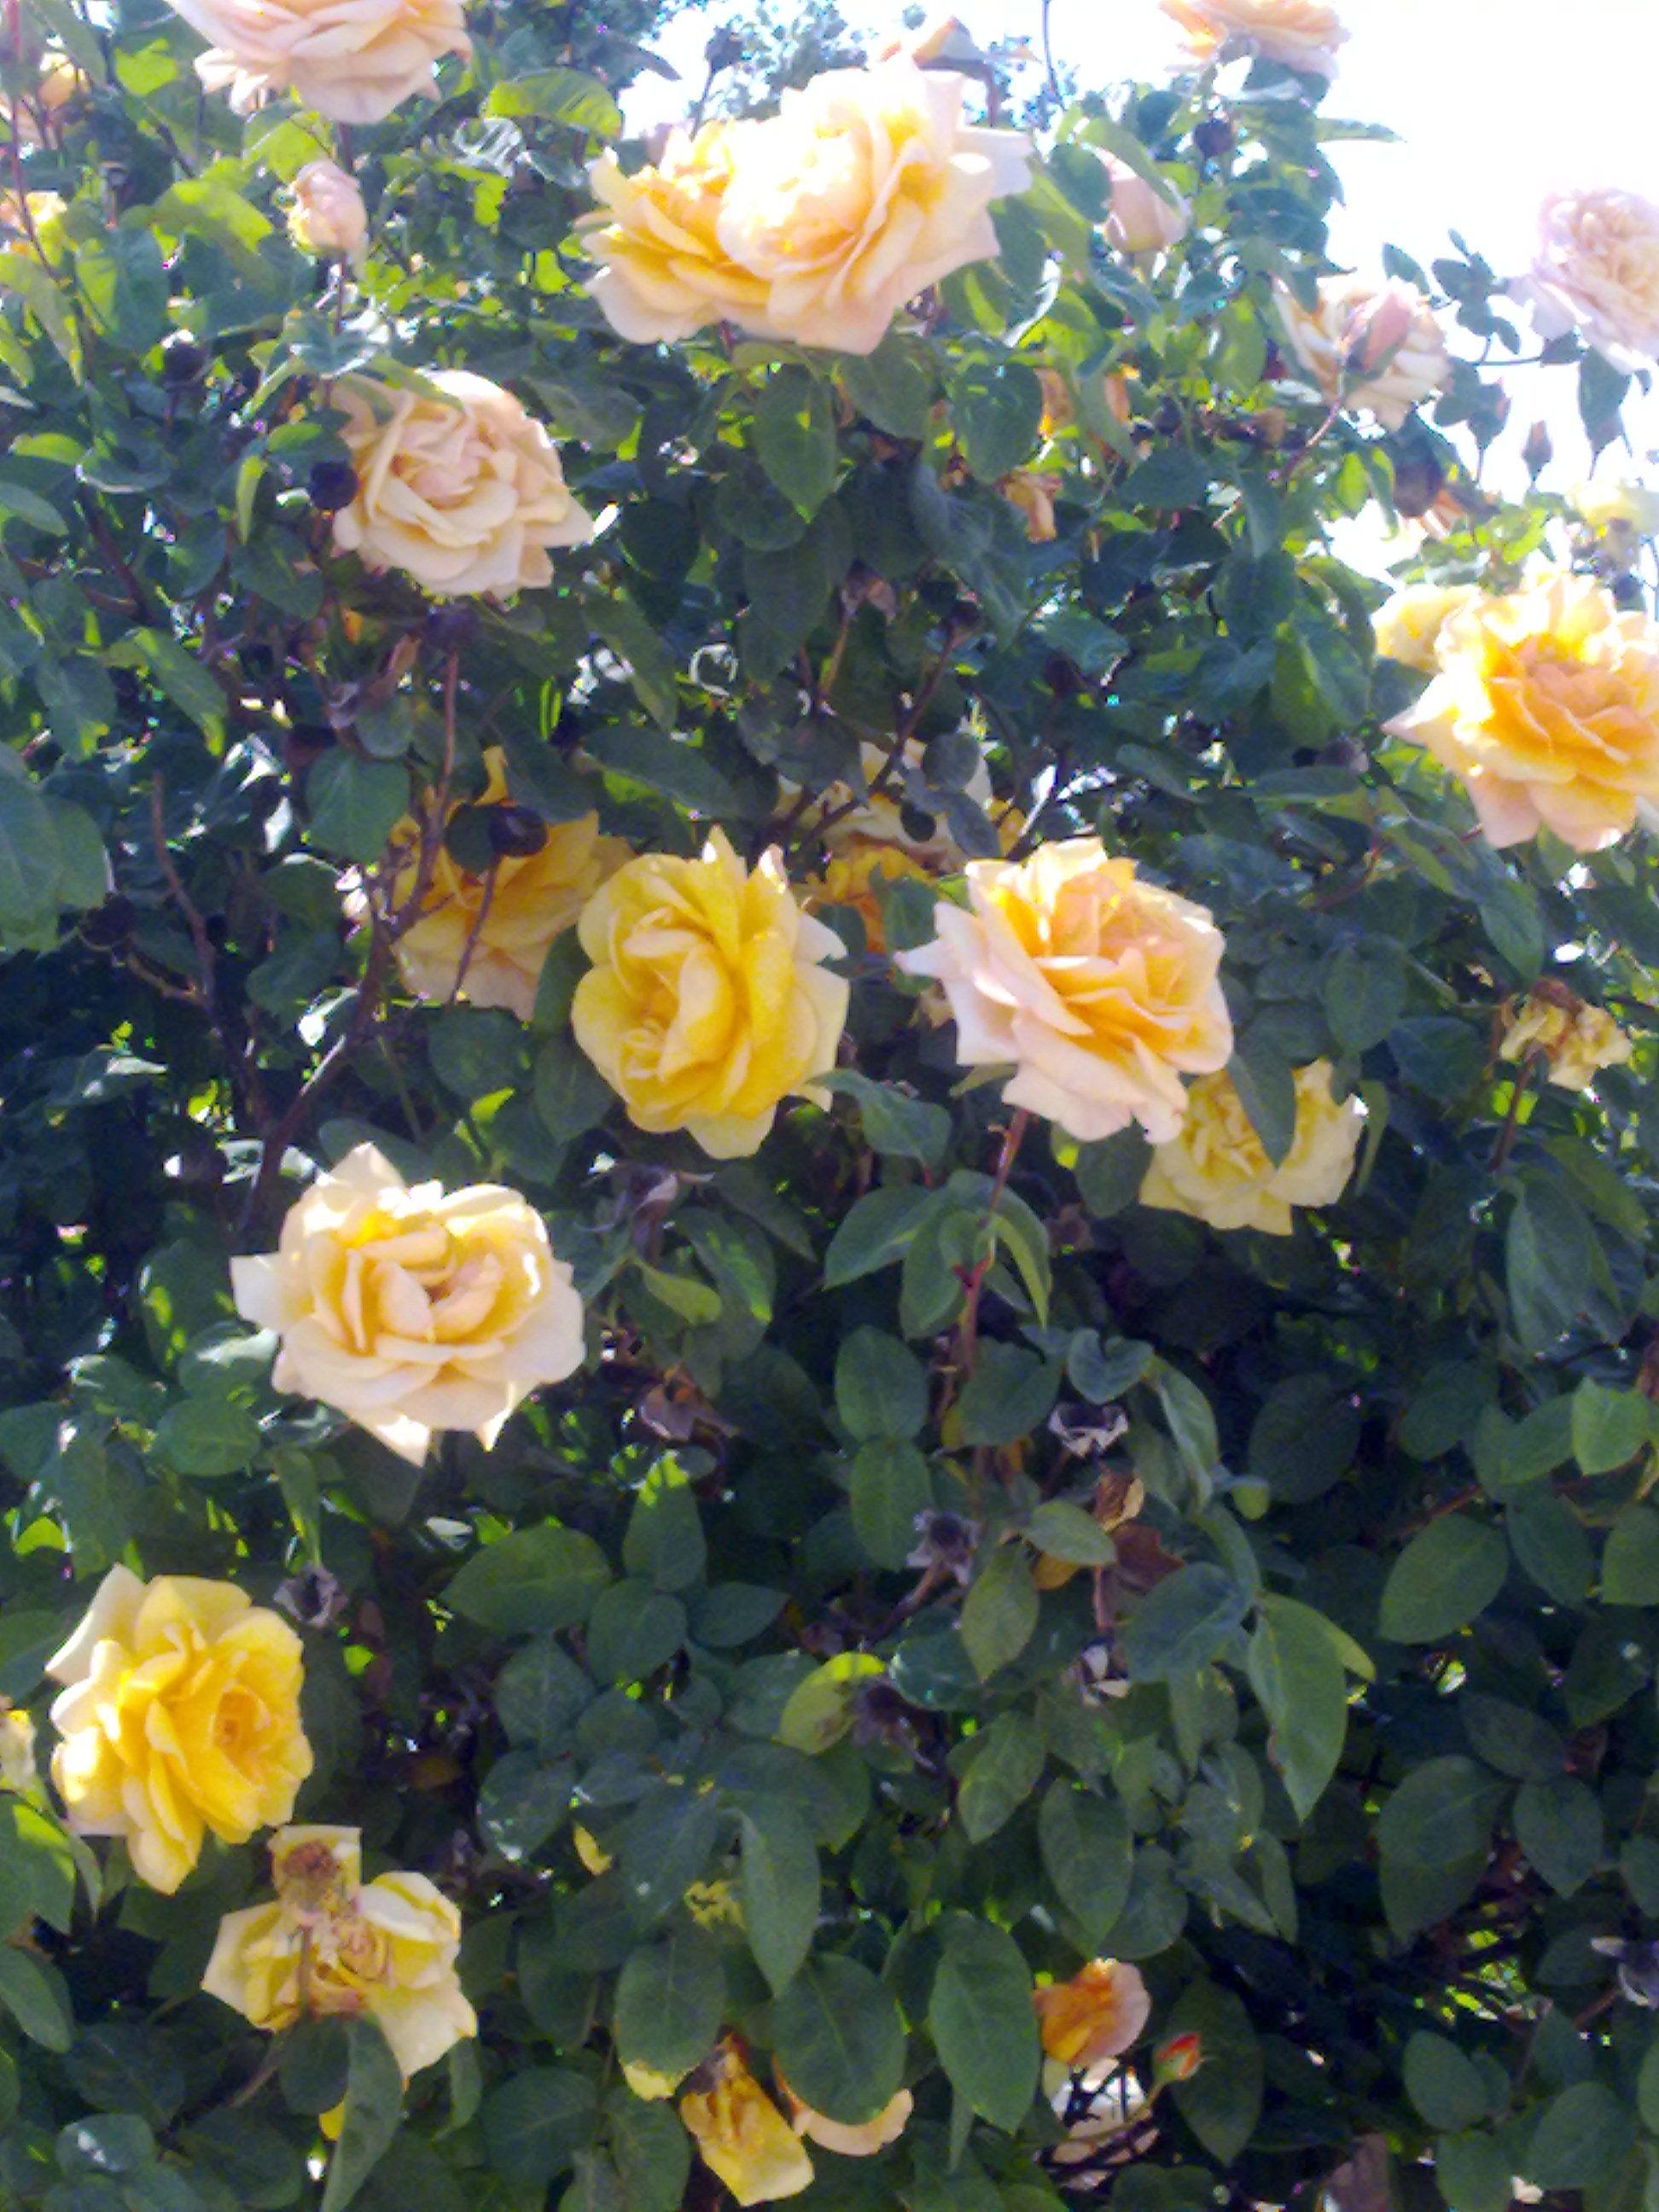 Yellow Rose Bush | My Rose Garden in Jordan | Pinterest